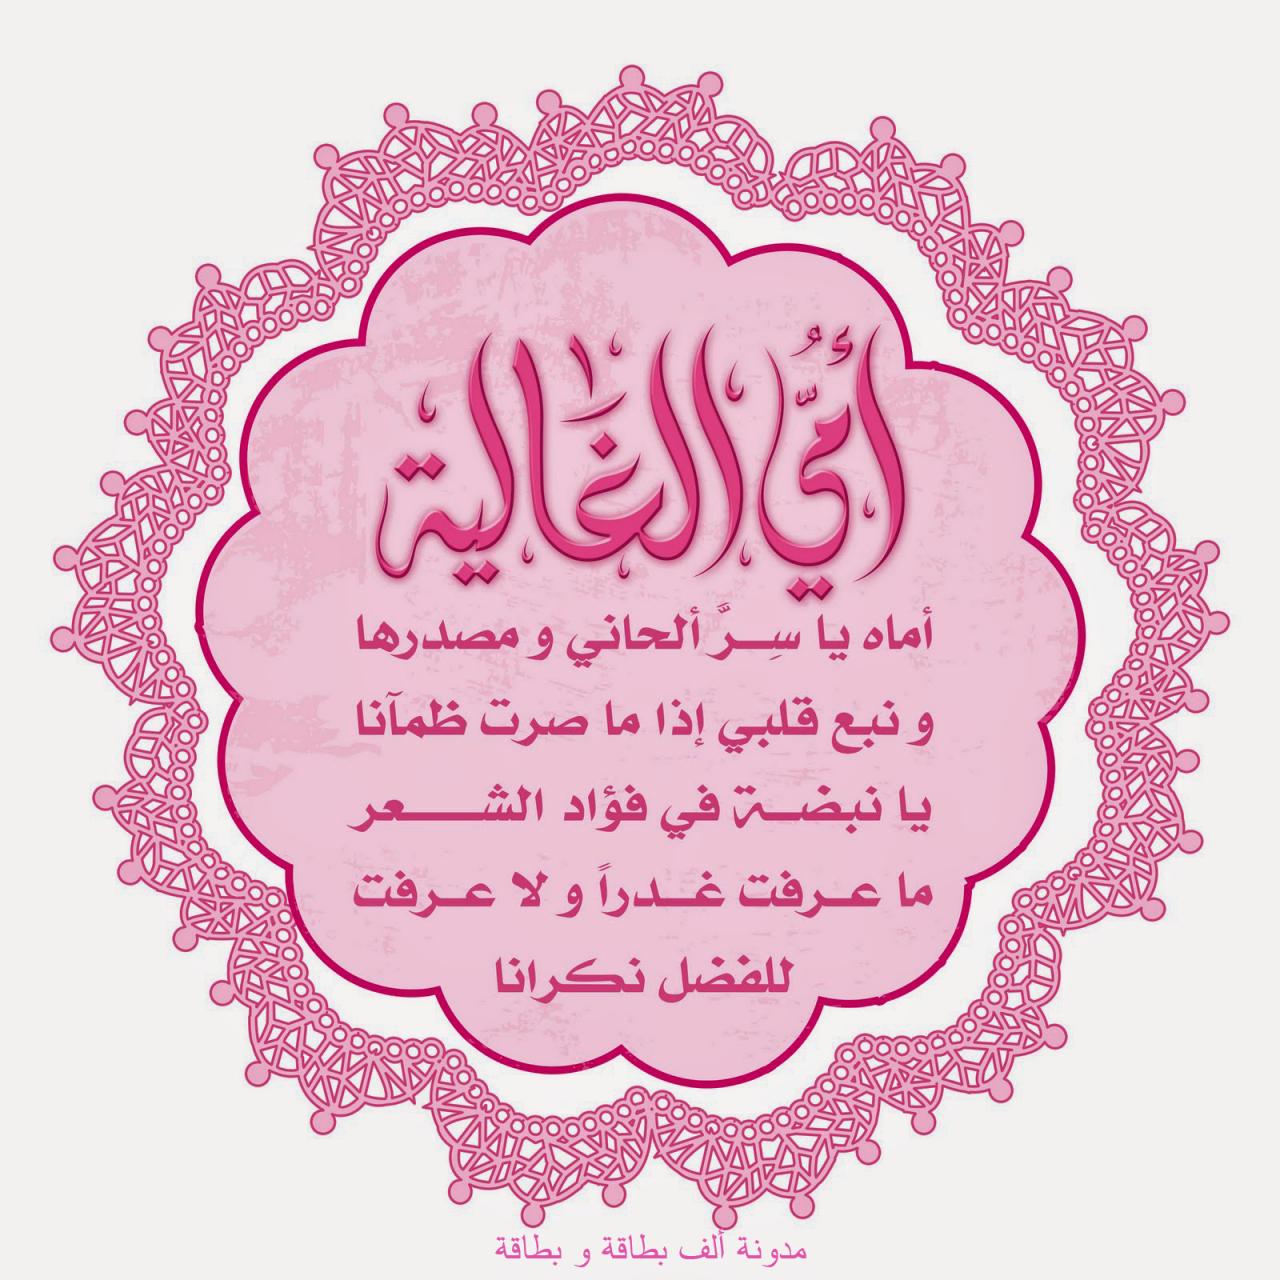 صورة قصائد شعرية عن الام , لهذه الاسباب جعل الله الجنه تحت اقدام الامهات 6355